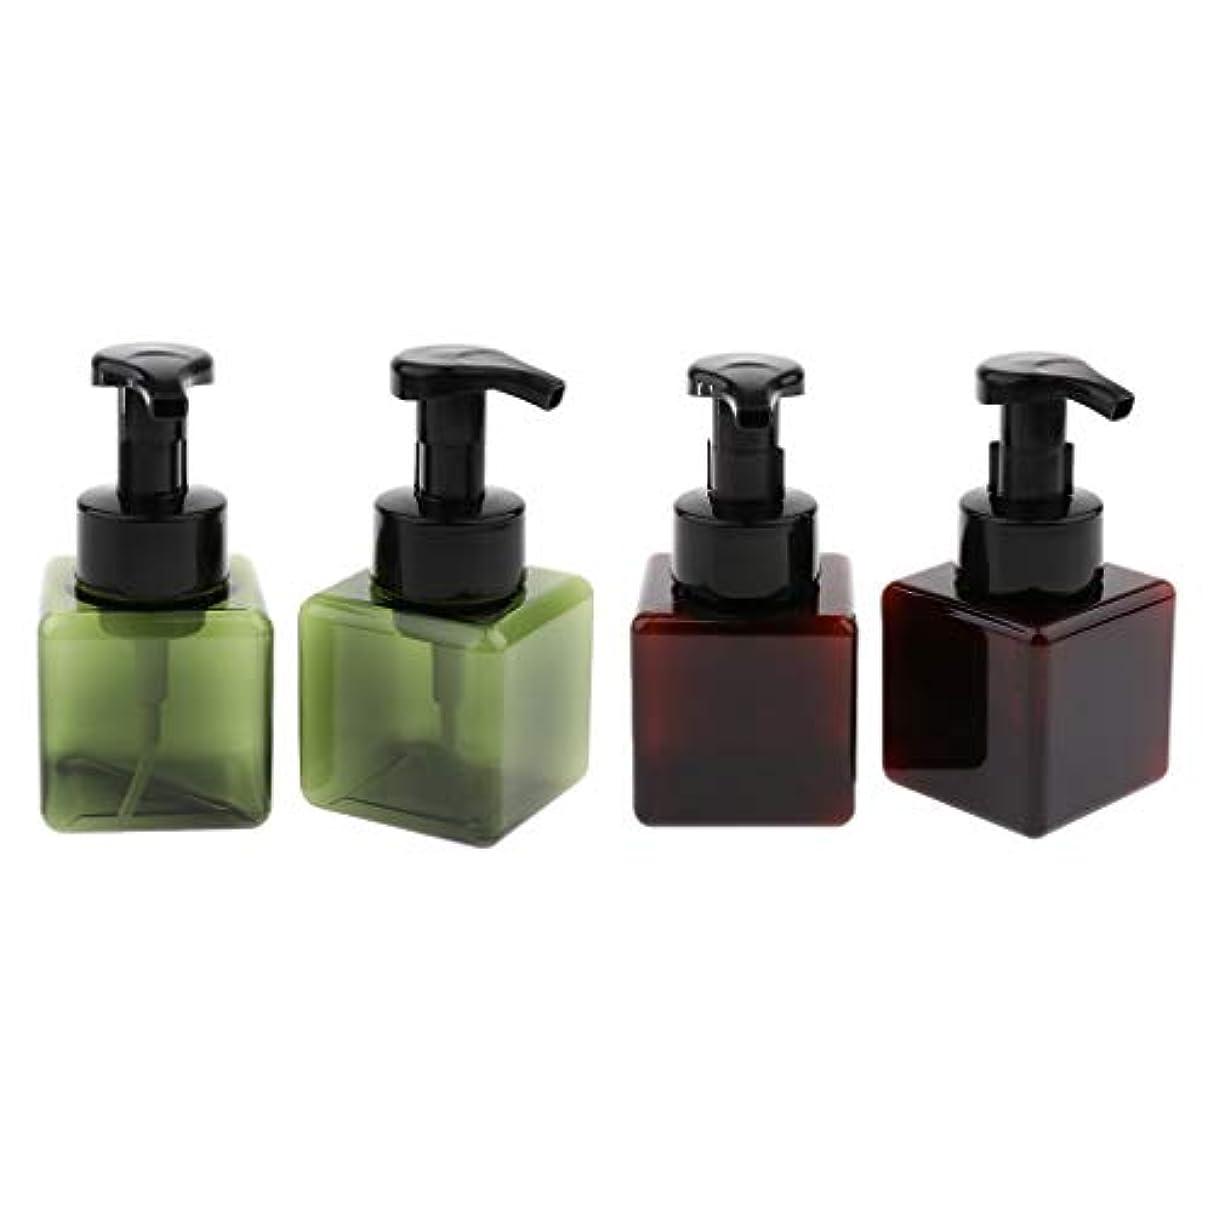 無臭北方スクラッチ小分けボトル 泡ポンプボトル 詰め替え容器 ディスペンサー スクエア 再利用可 250ml 4個 全5色 - ダークグリーン+ブラウン